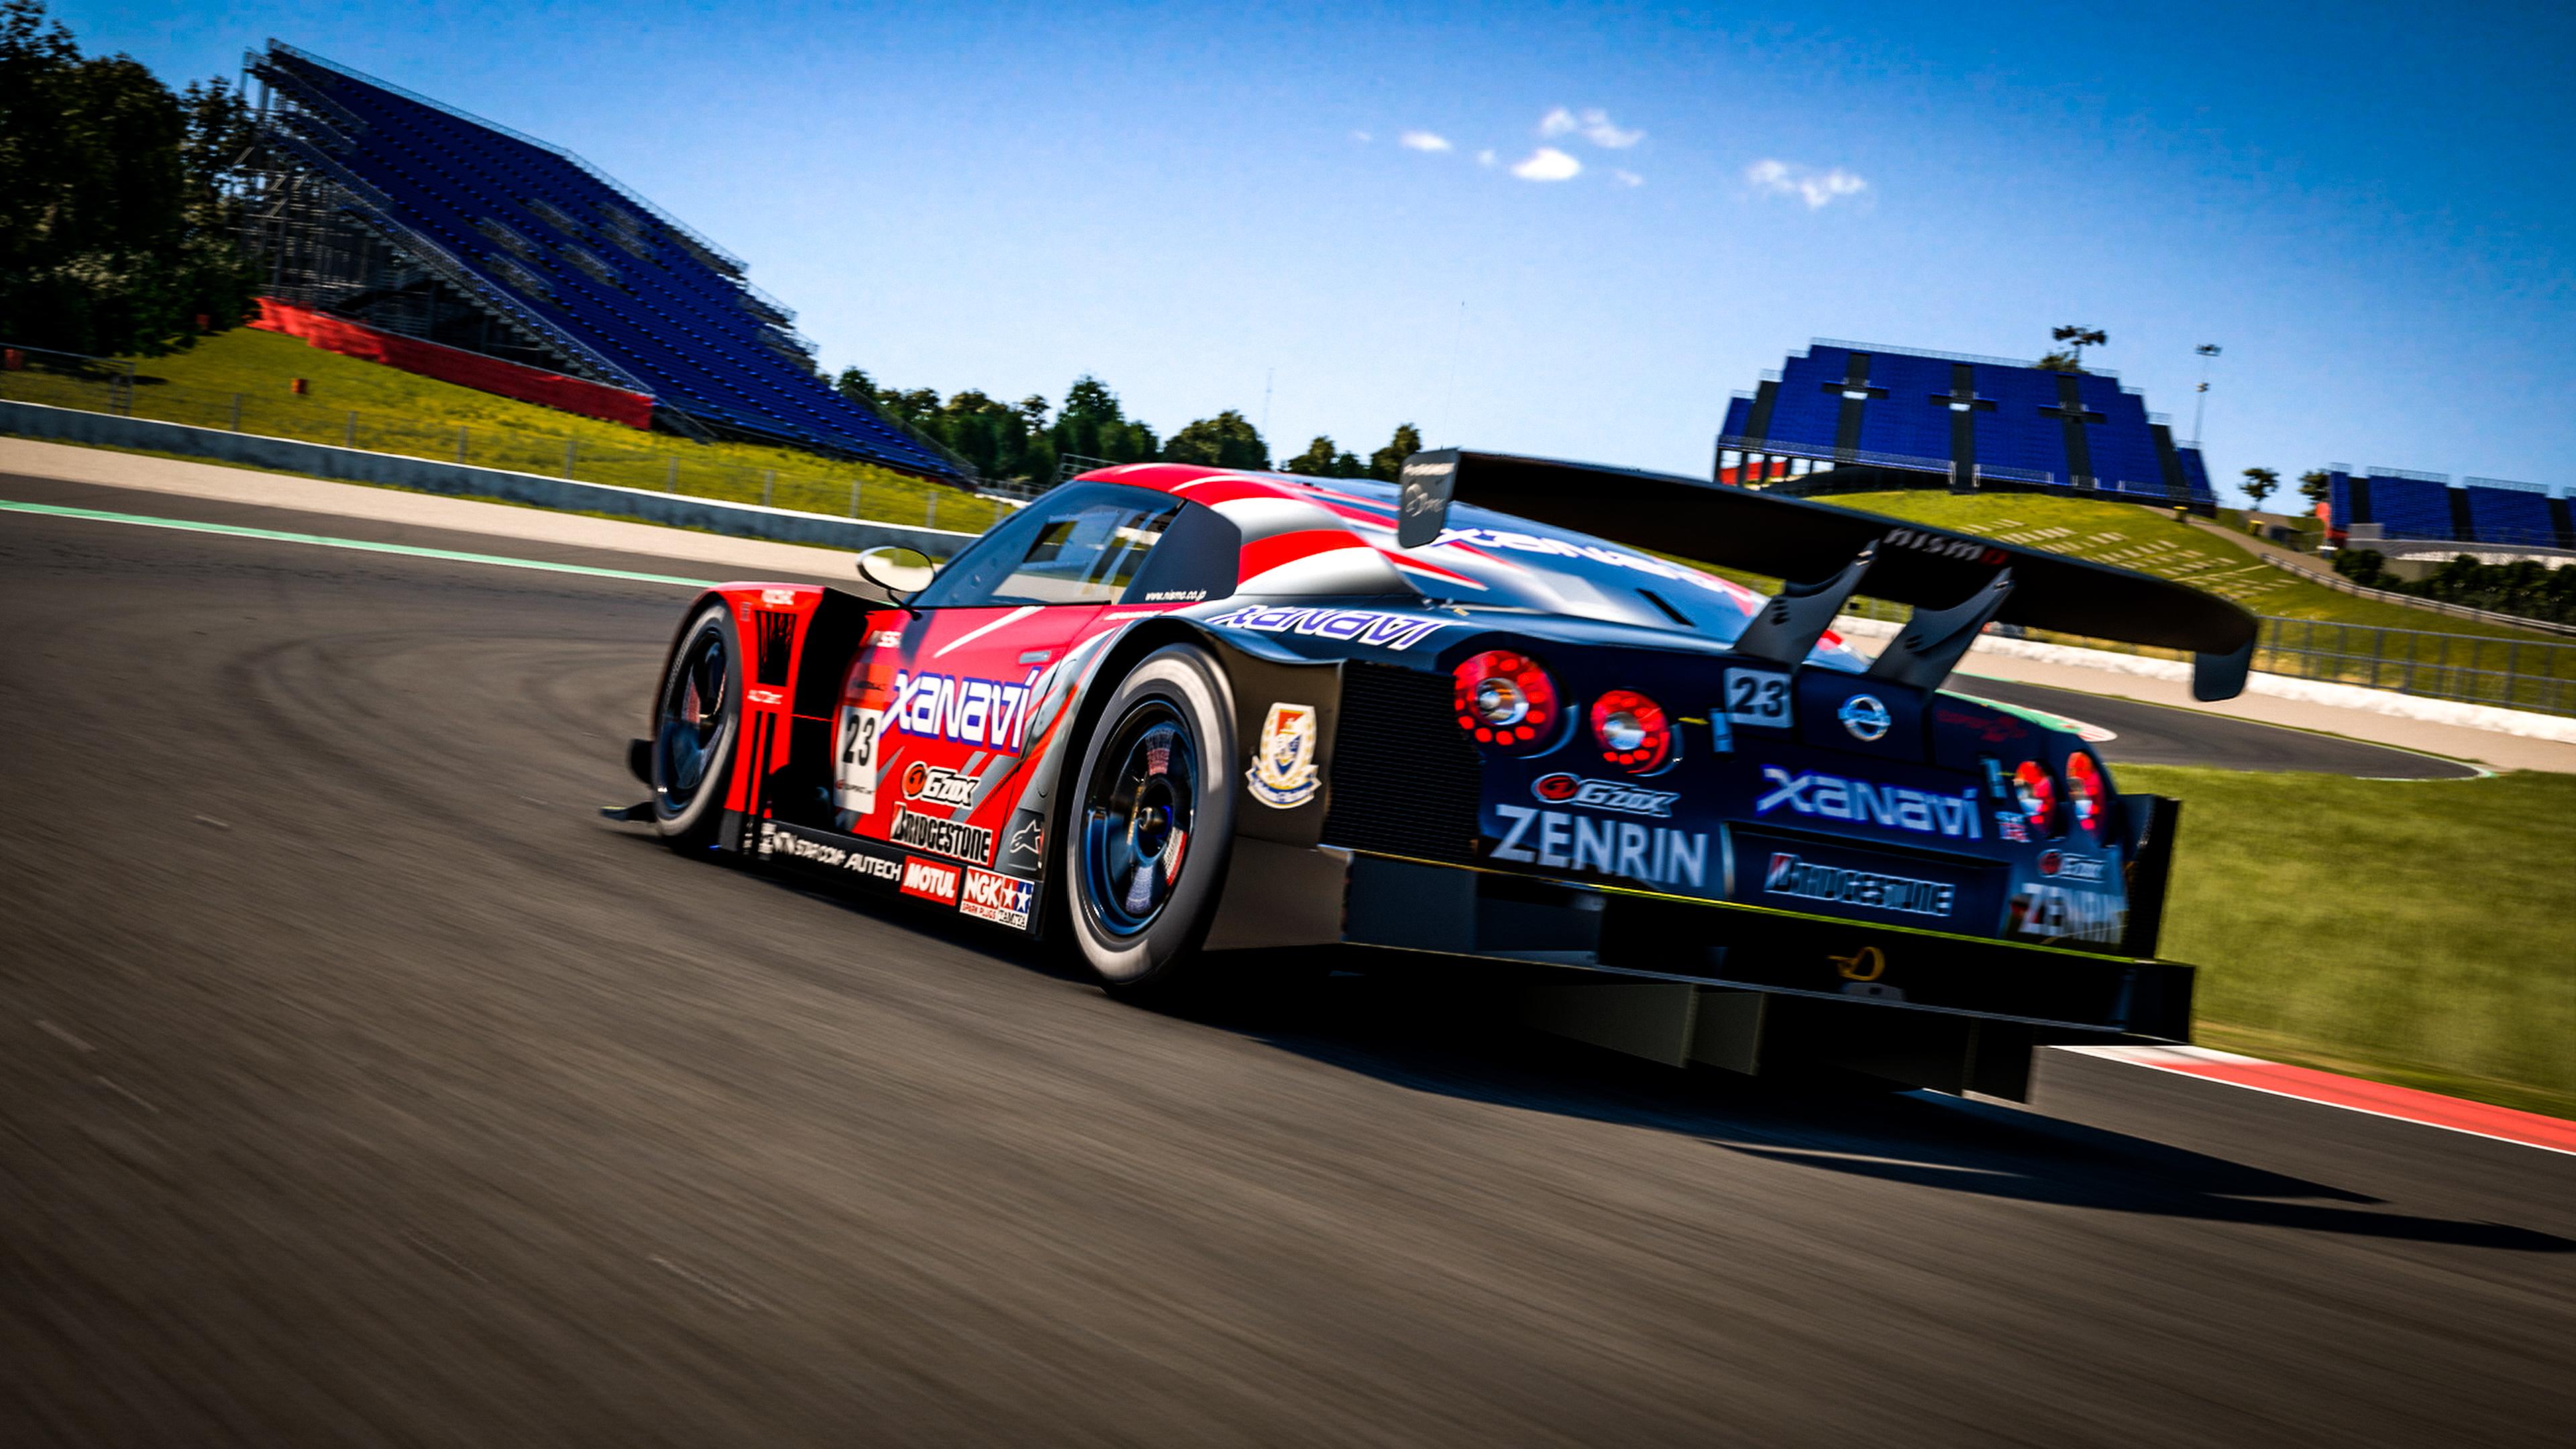 Potvrzen vývoj dalšího dílu Gran Turismo